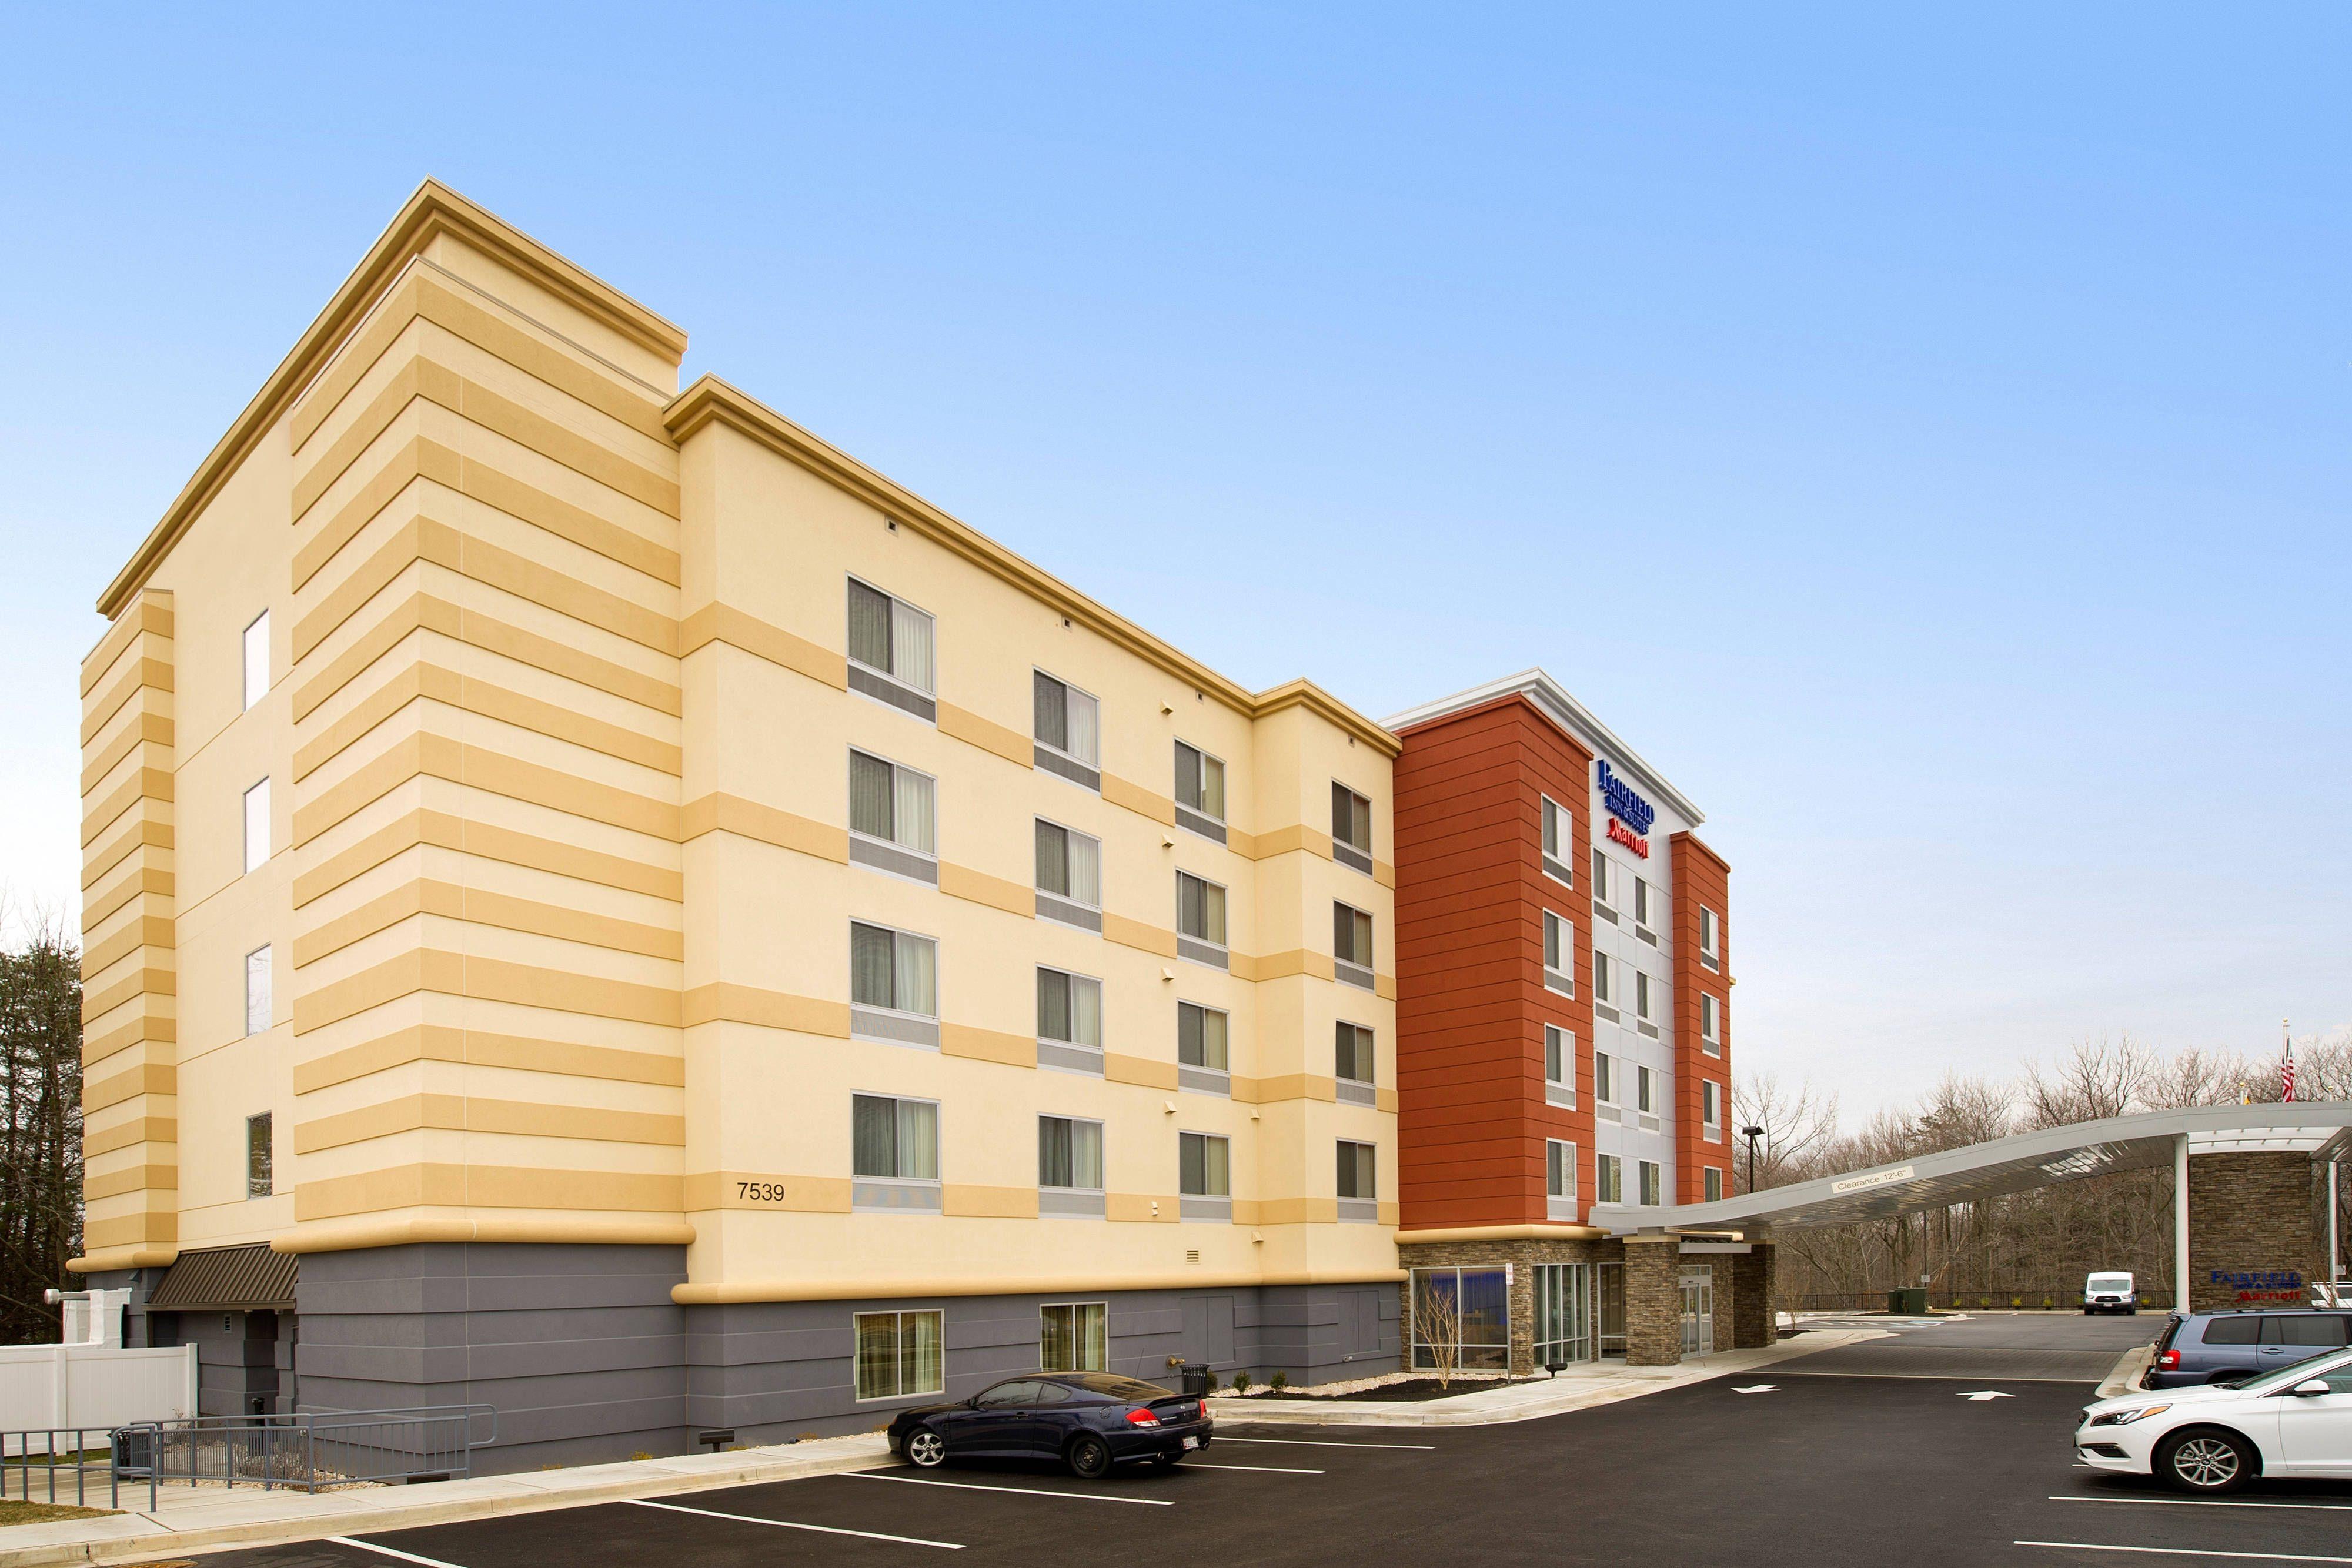 Fairfield Inn Fairfield inn, Inn, Suites